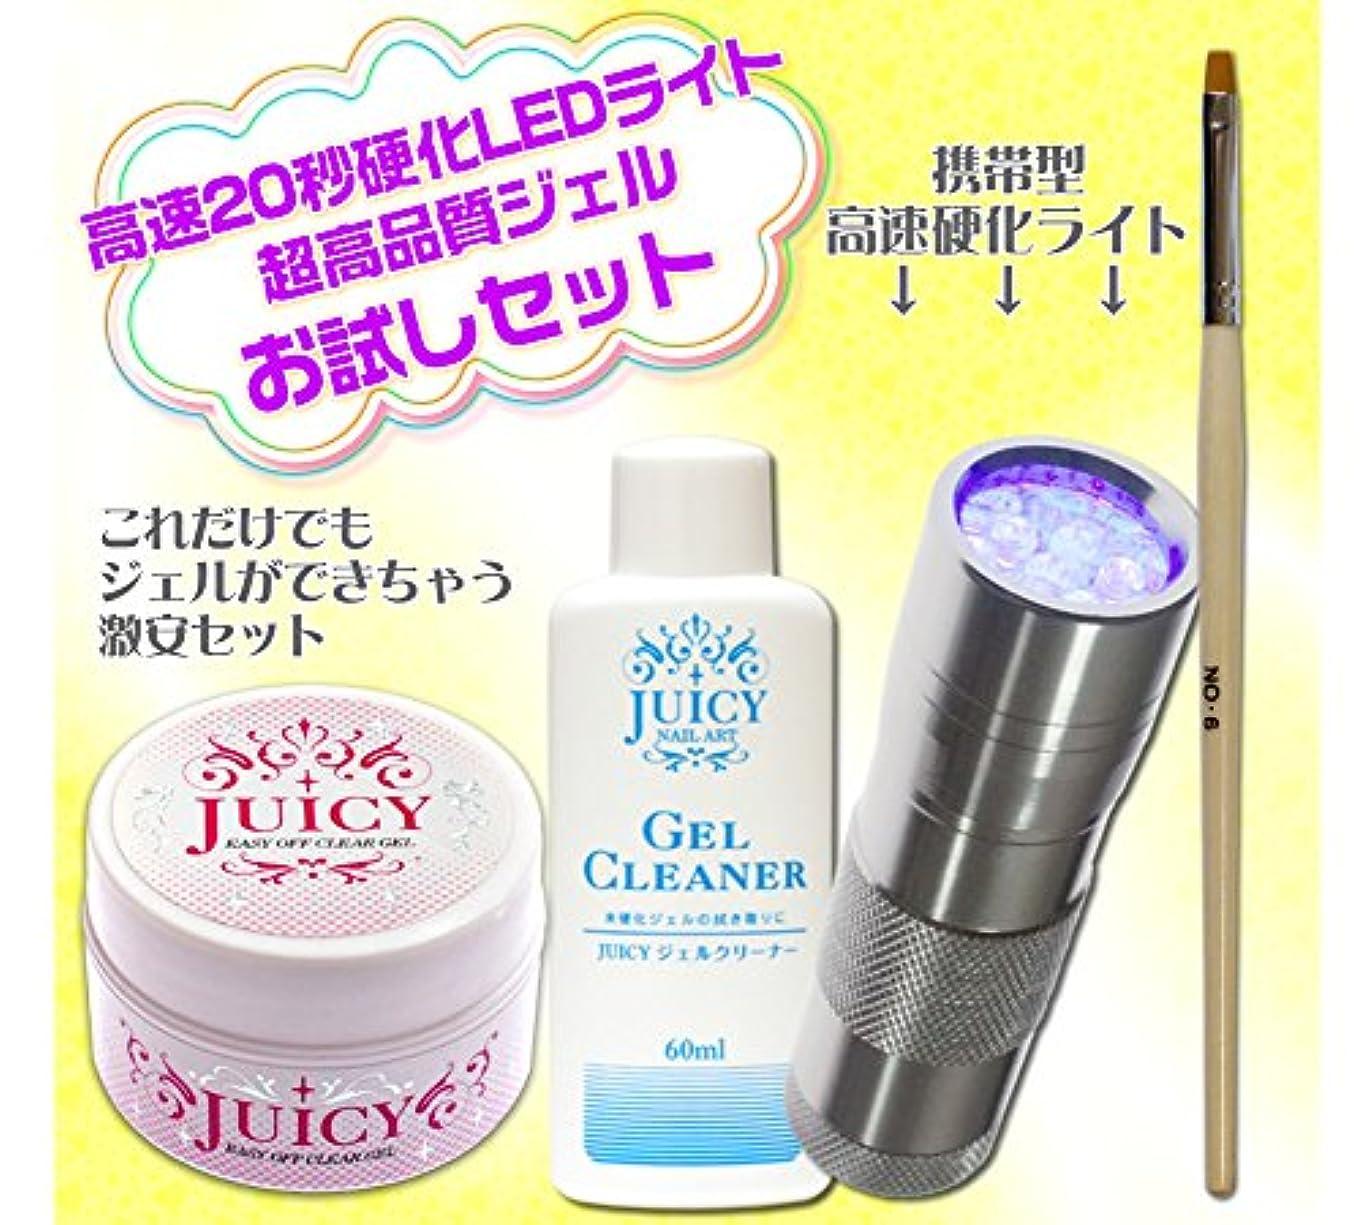 保護吐き出す親愛なジェルネイルキット ペン型LEDライトシルバーと高品質クリアジェルのお試しセット UVライト